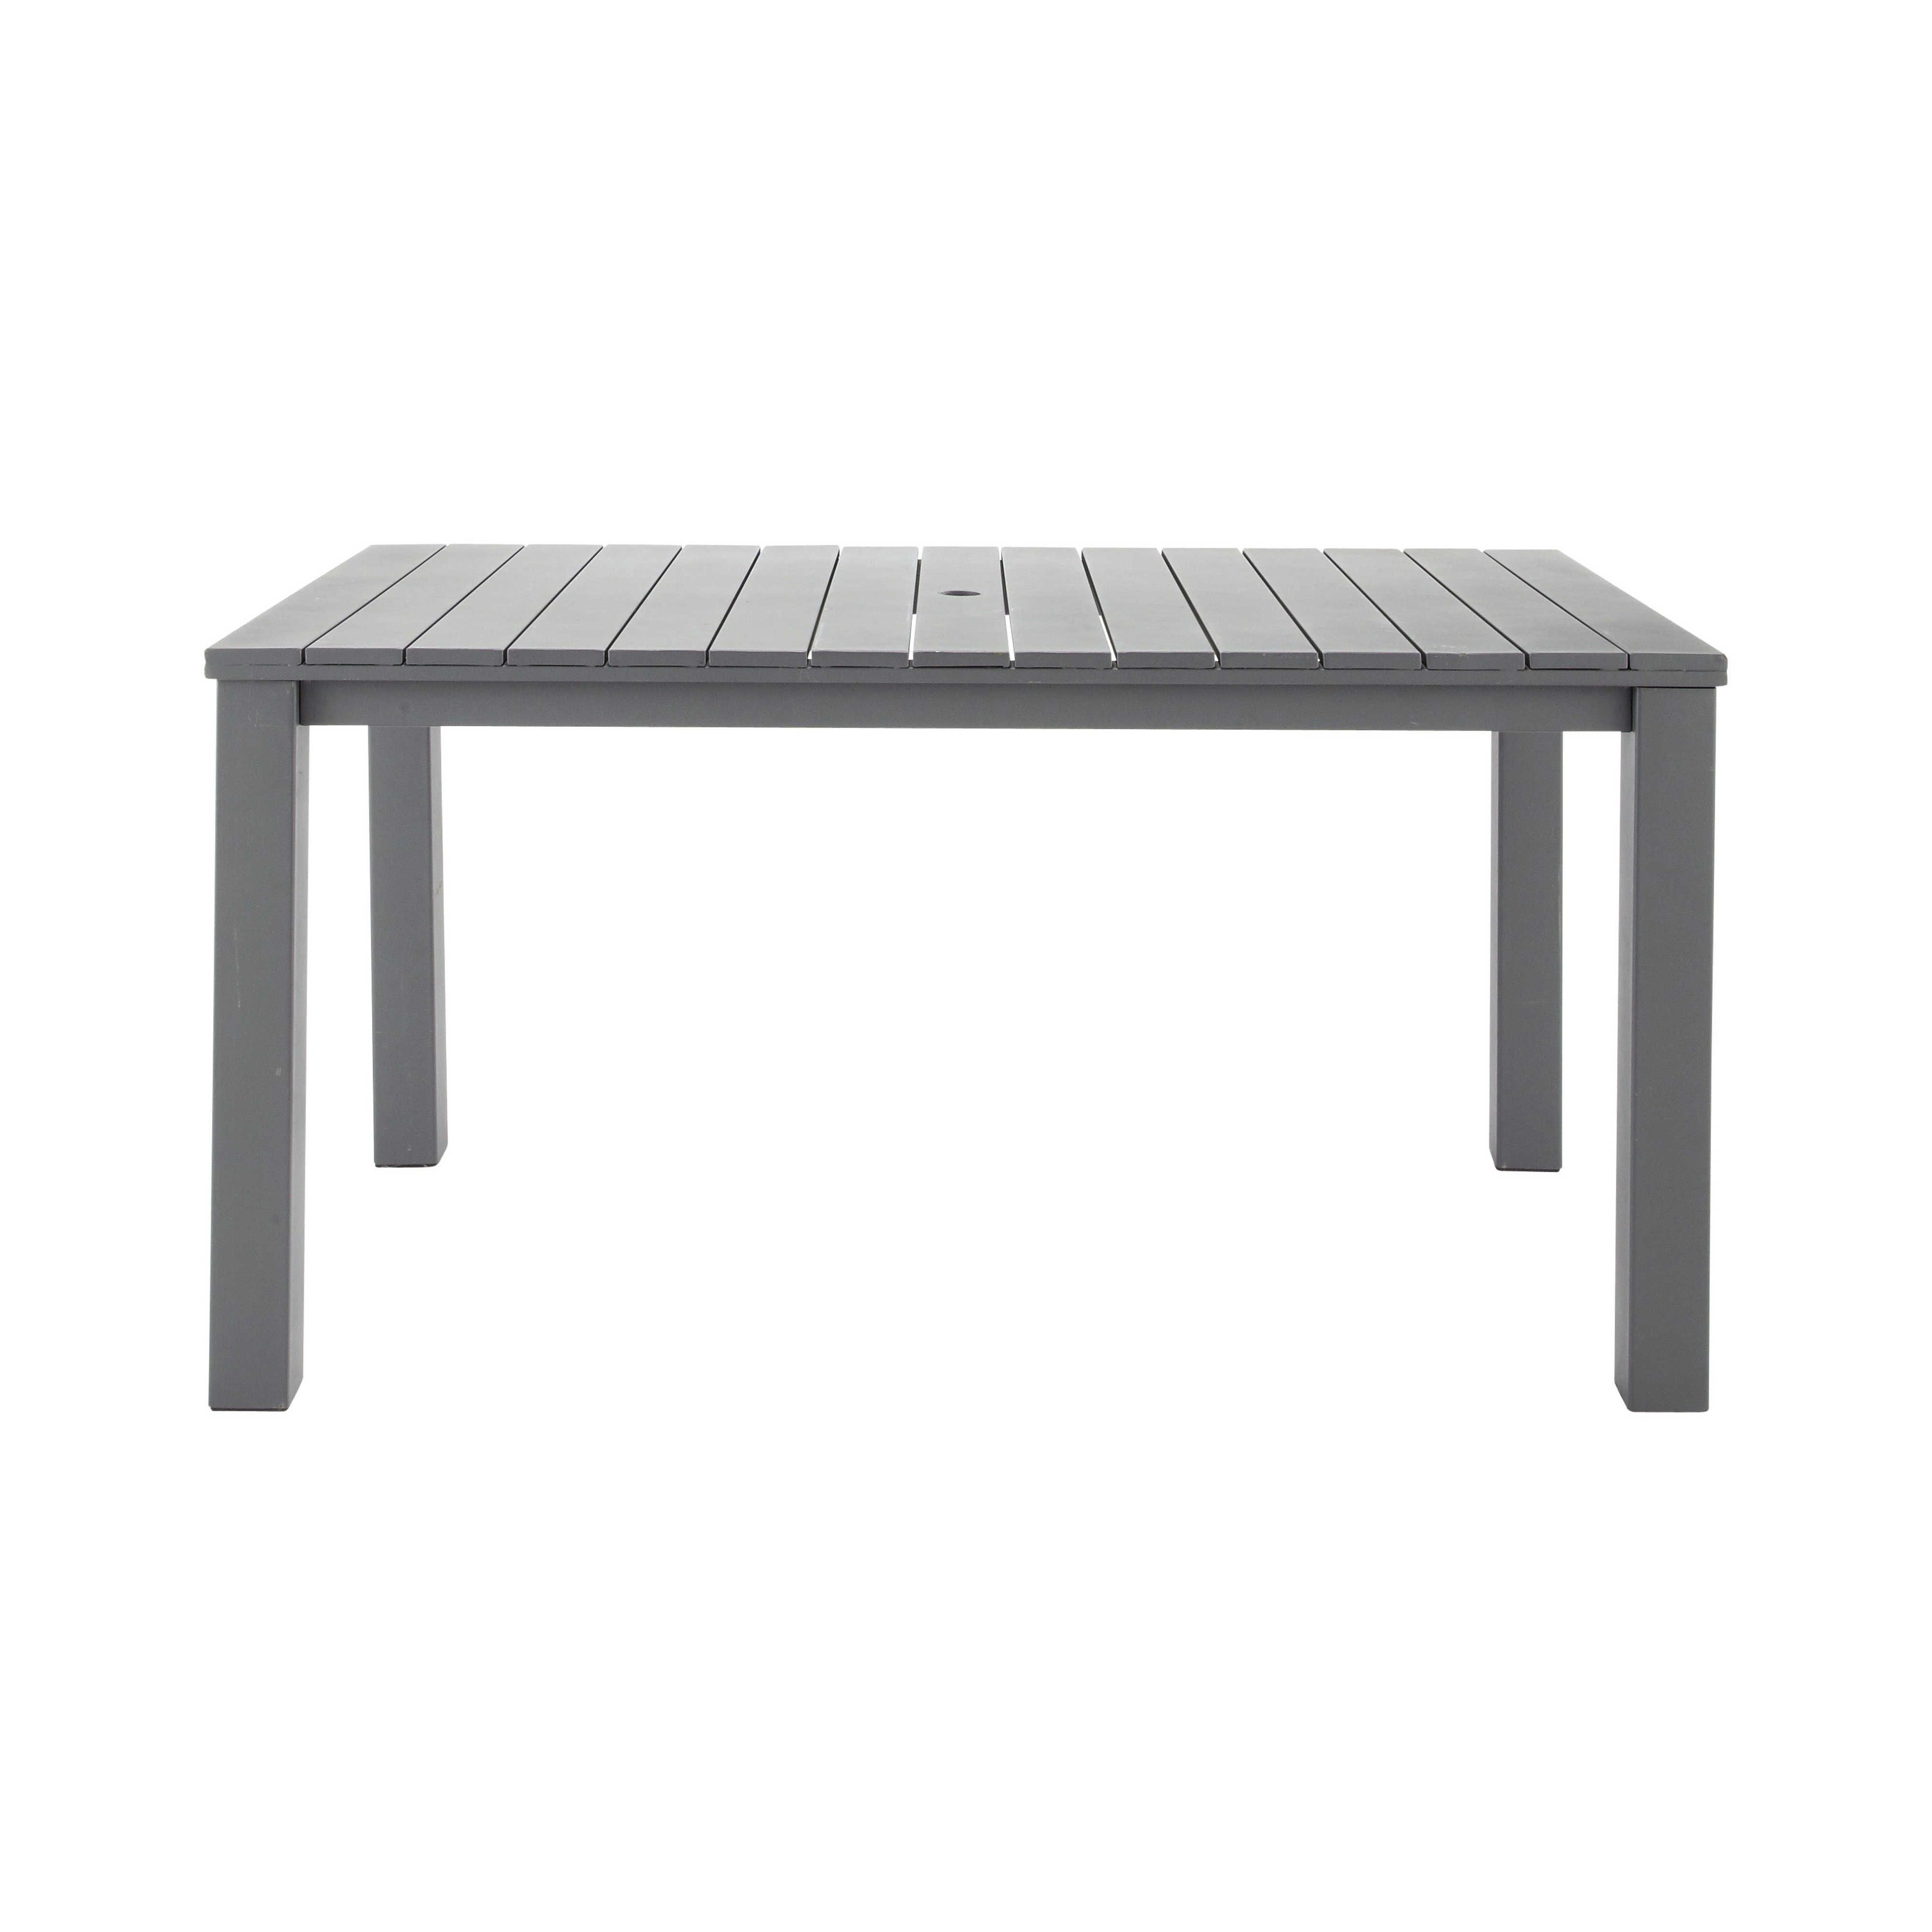 Mesa para el jardín de metal gris pizarra An. 150 cm - La ciotat La ...